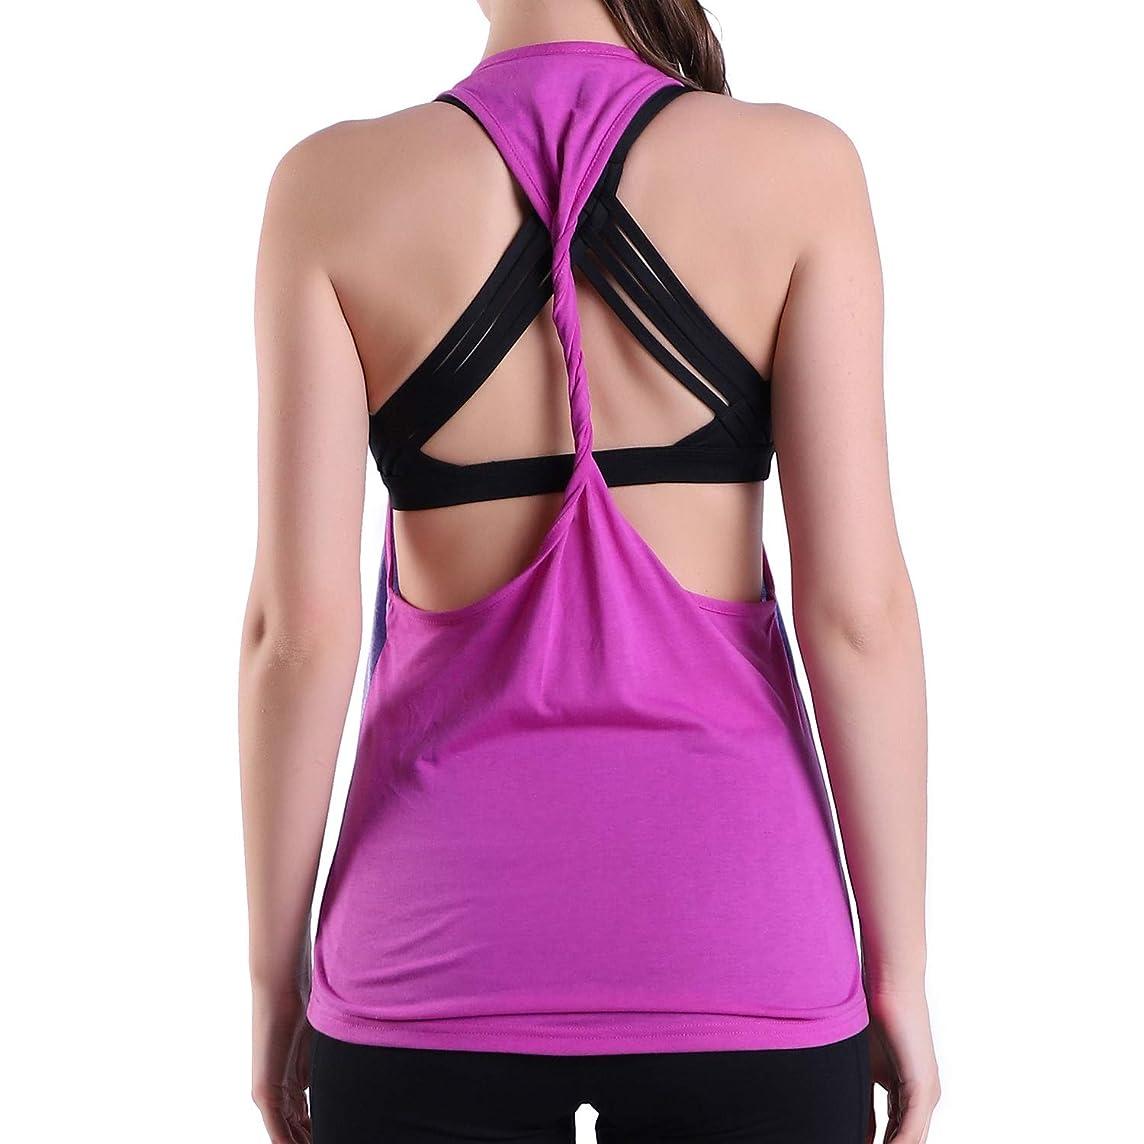 Empirelion Two-Tone Yoga Twistback Tank Tops Womens Workout Racerback Sleeveless